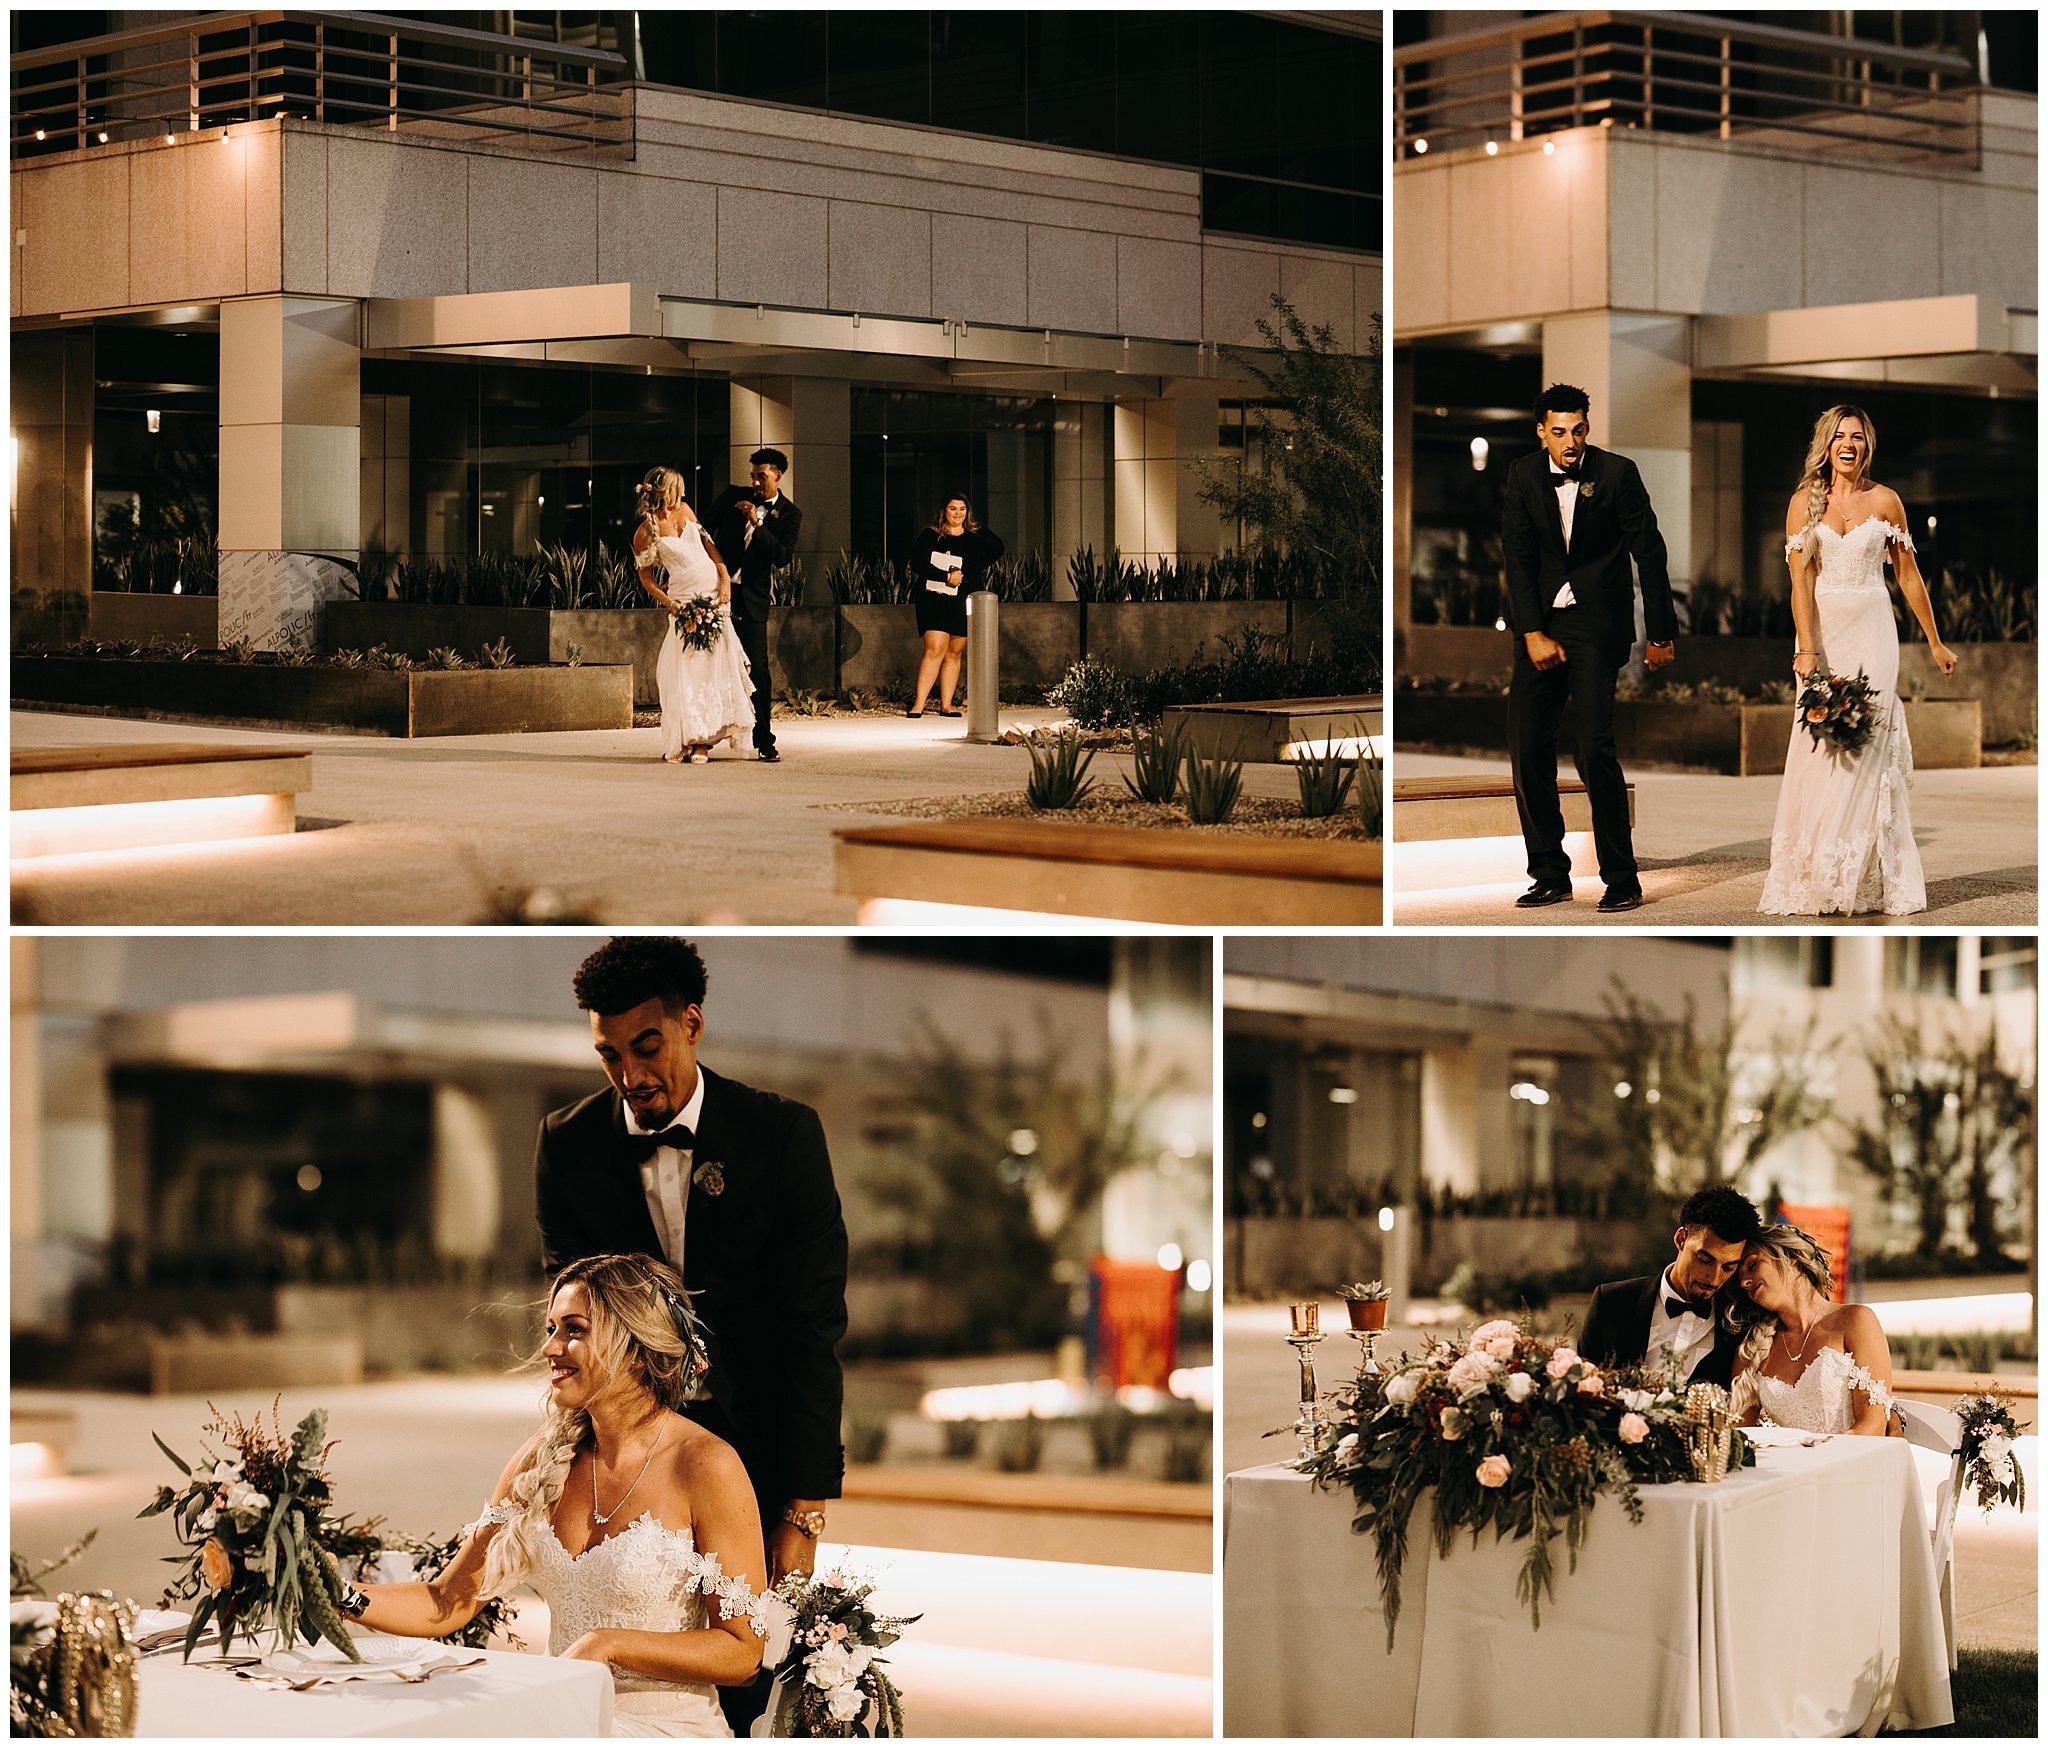 honolulu-wedding4.jpg